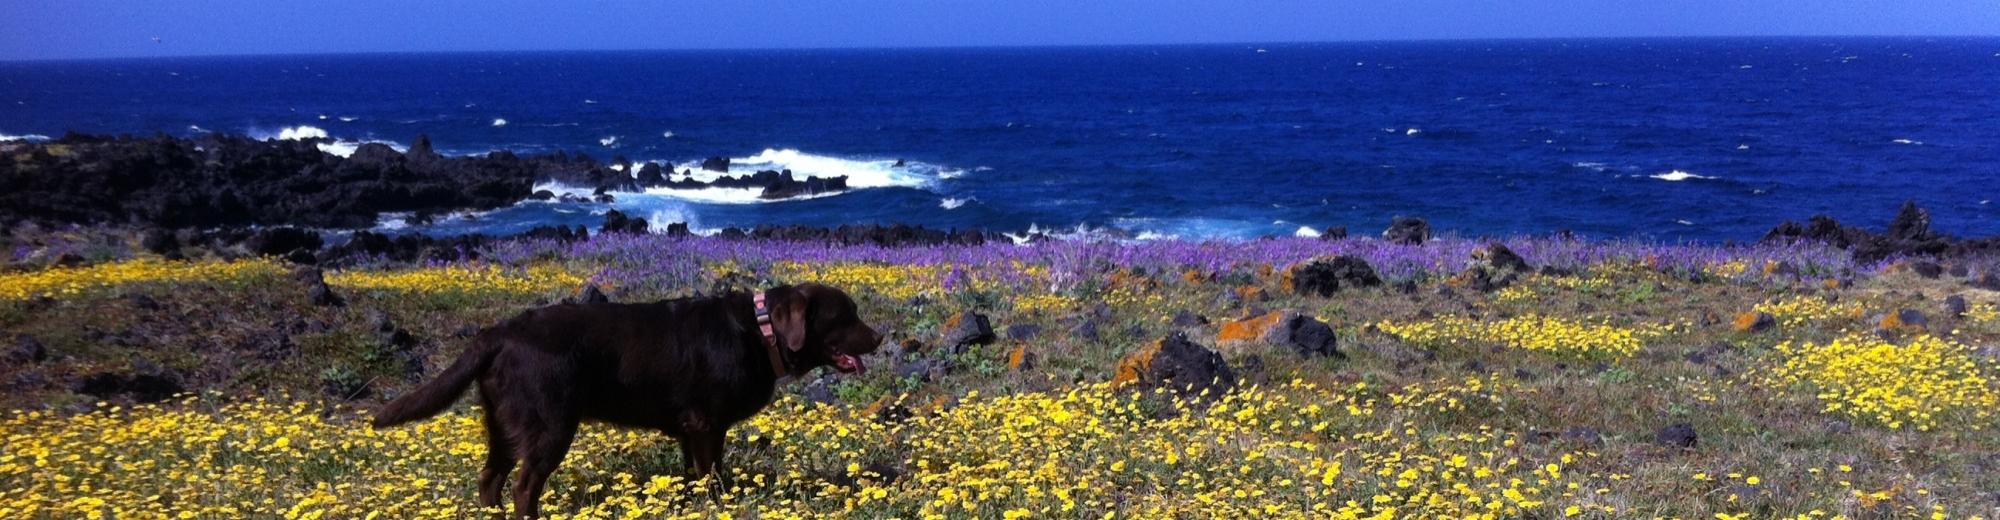 passeggia con il tuo amico a 4 zampe in uno dei sentieri del Parco Nazionale di Pantelleria